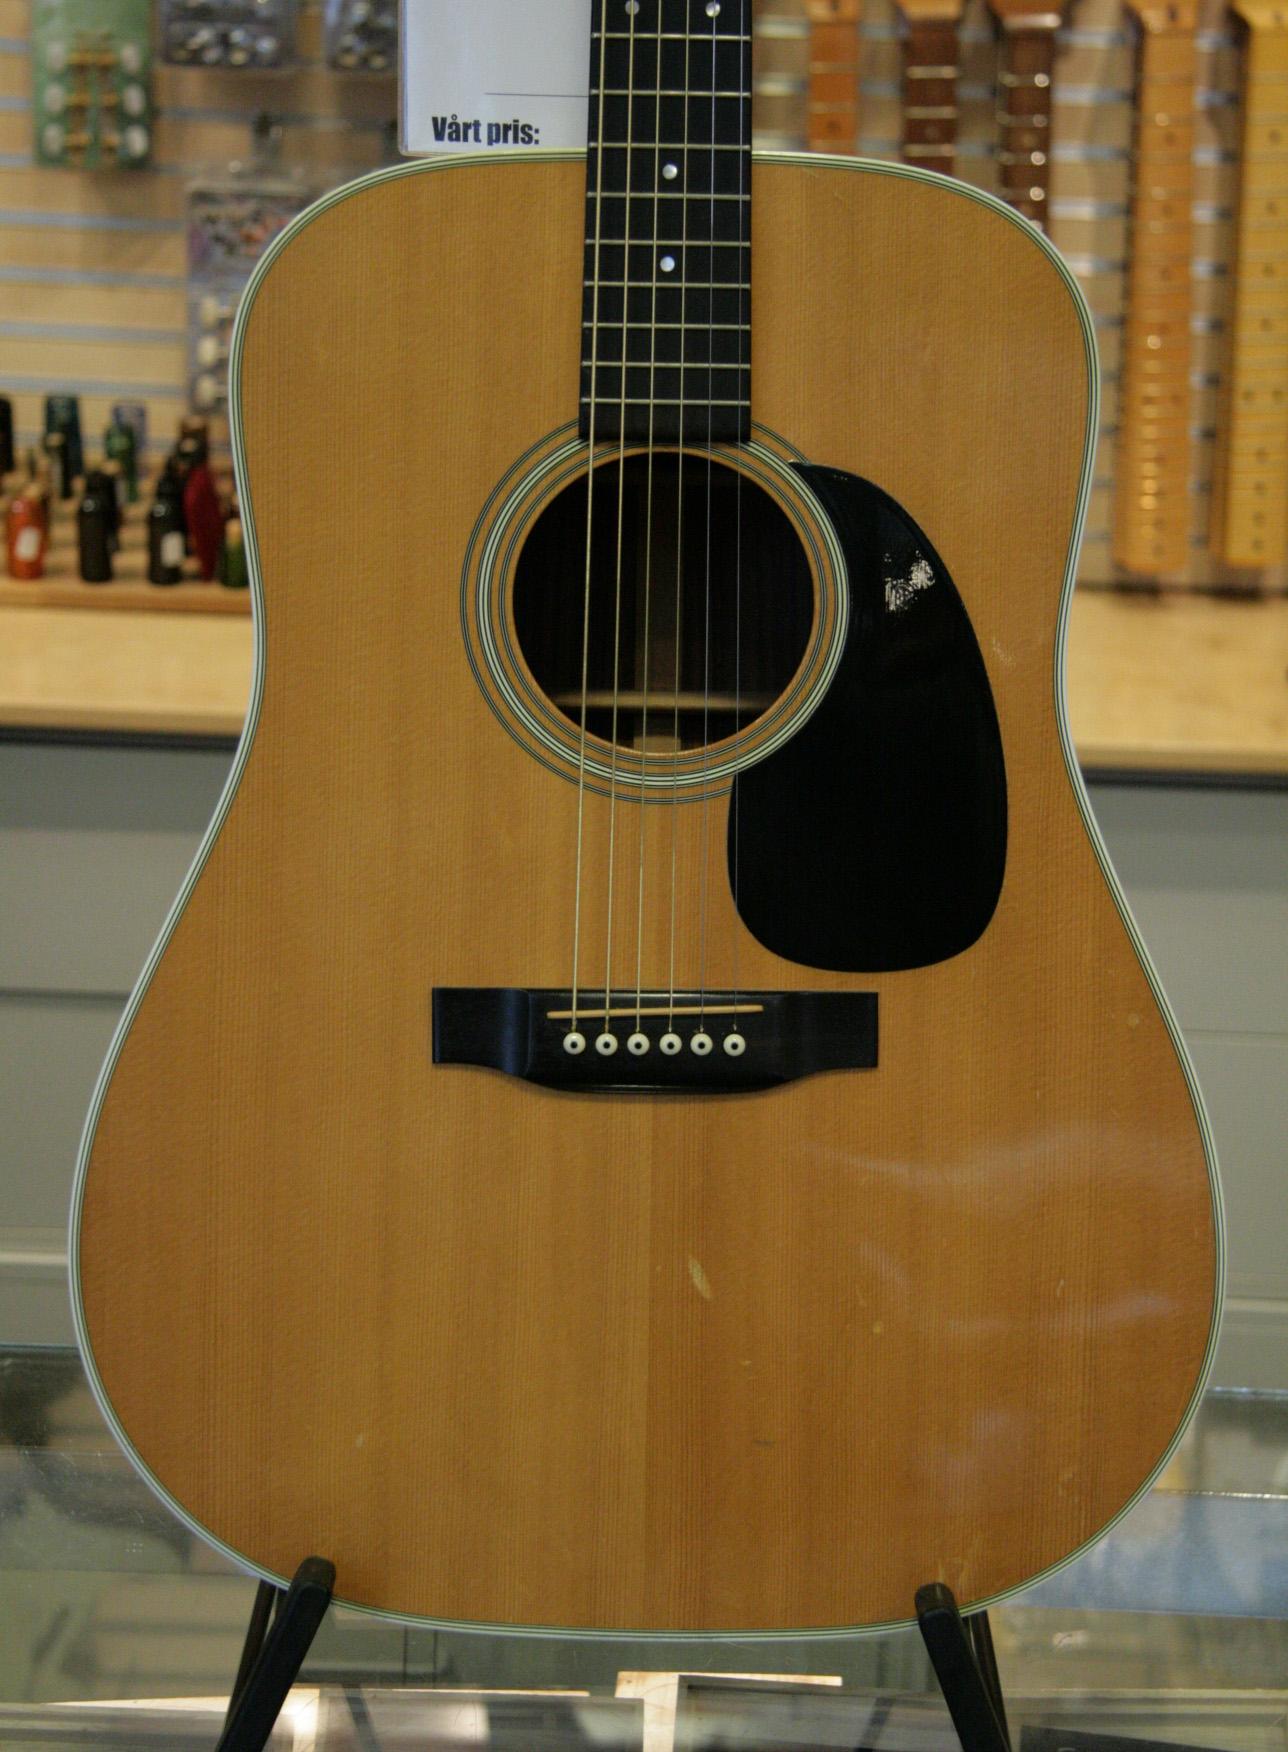 martin d28 1980 39 s guitar for sale no1 guitarshop. Black Bedroom Furniture Sets. Home Design Ideas